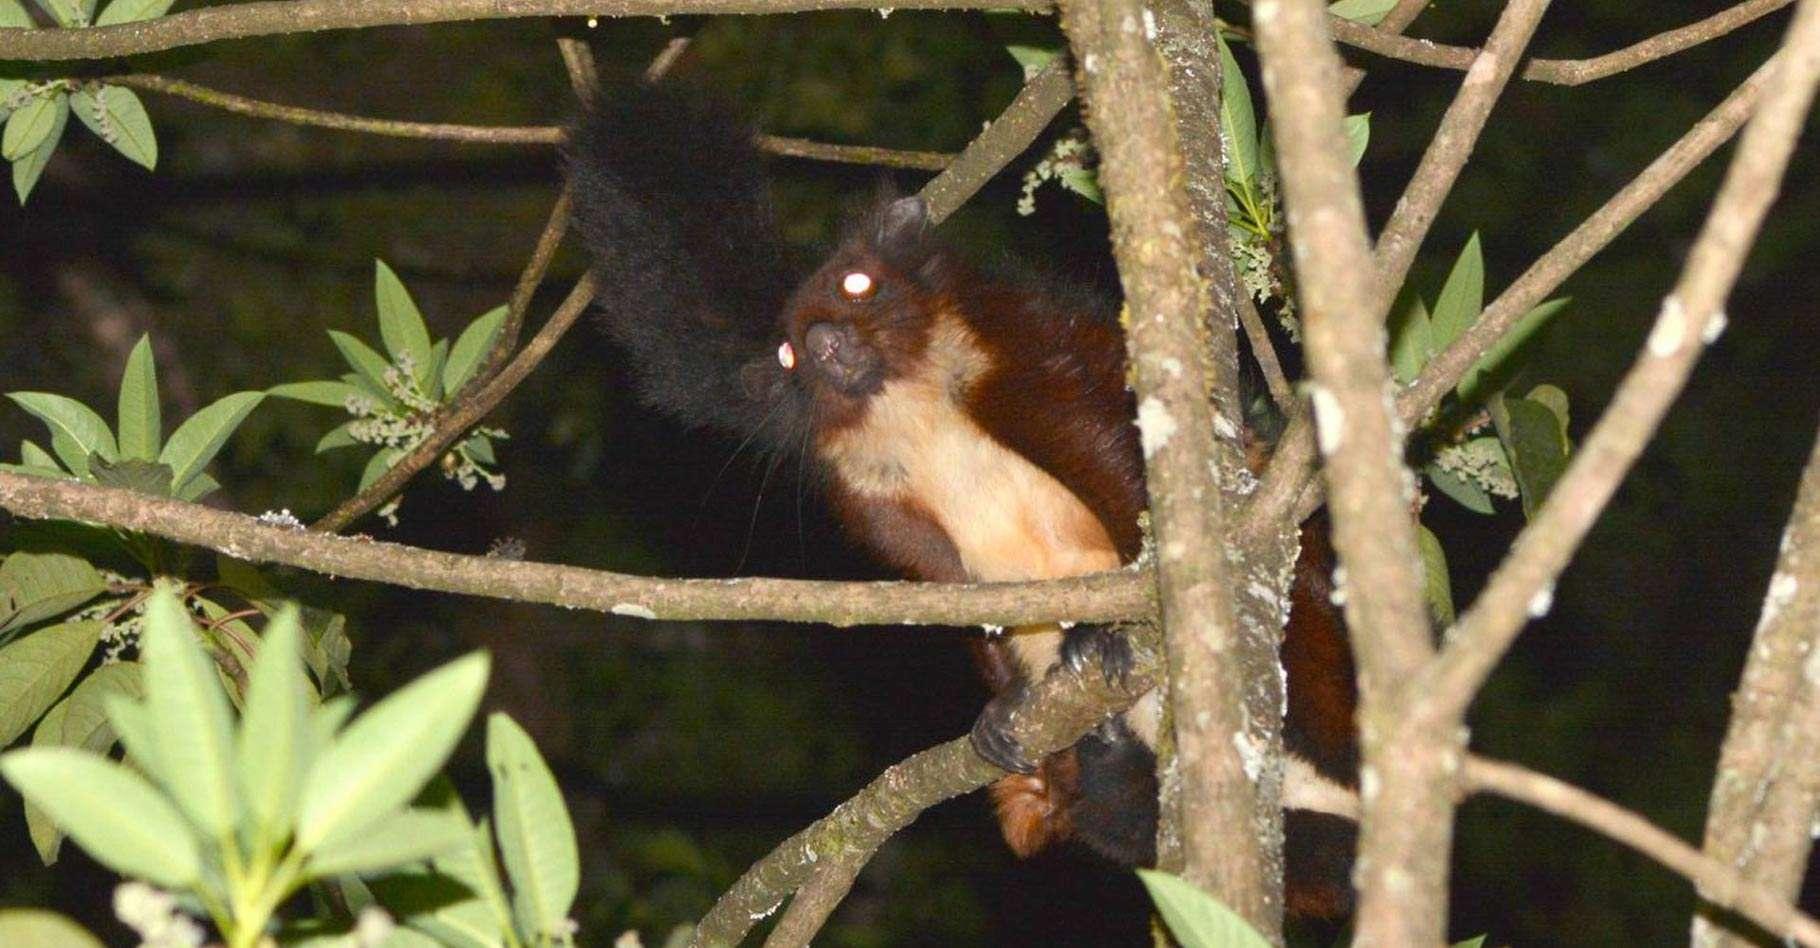 Des chercheurs ont découvert en Chine une espèce jusqu'alors inconnue d'écureuils volants. © Kadoorie Farm & Botanic Garden Hong Kong